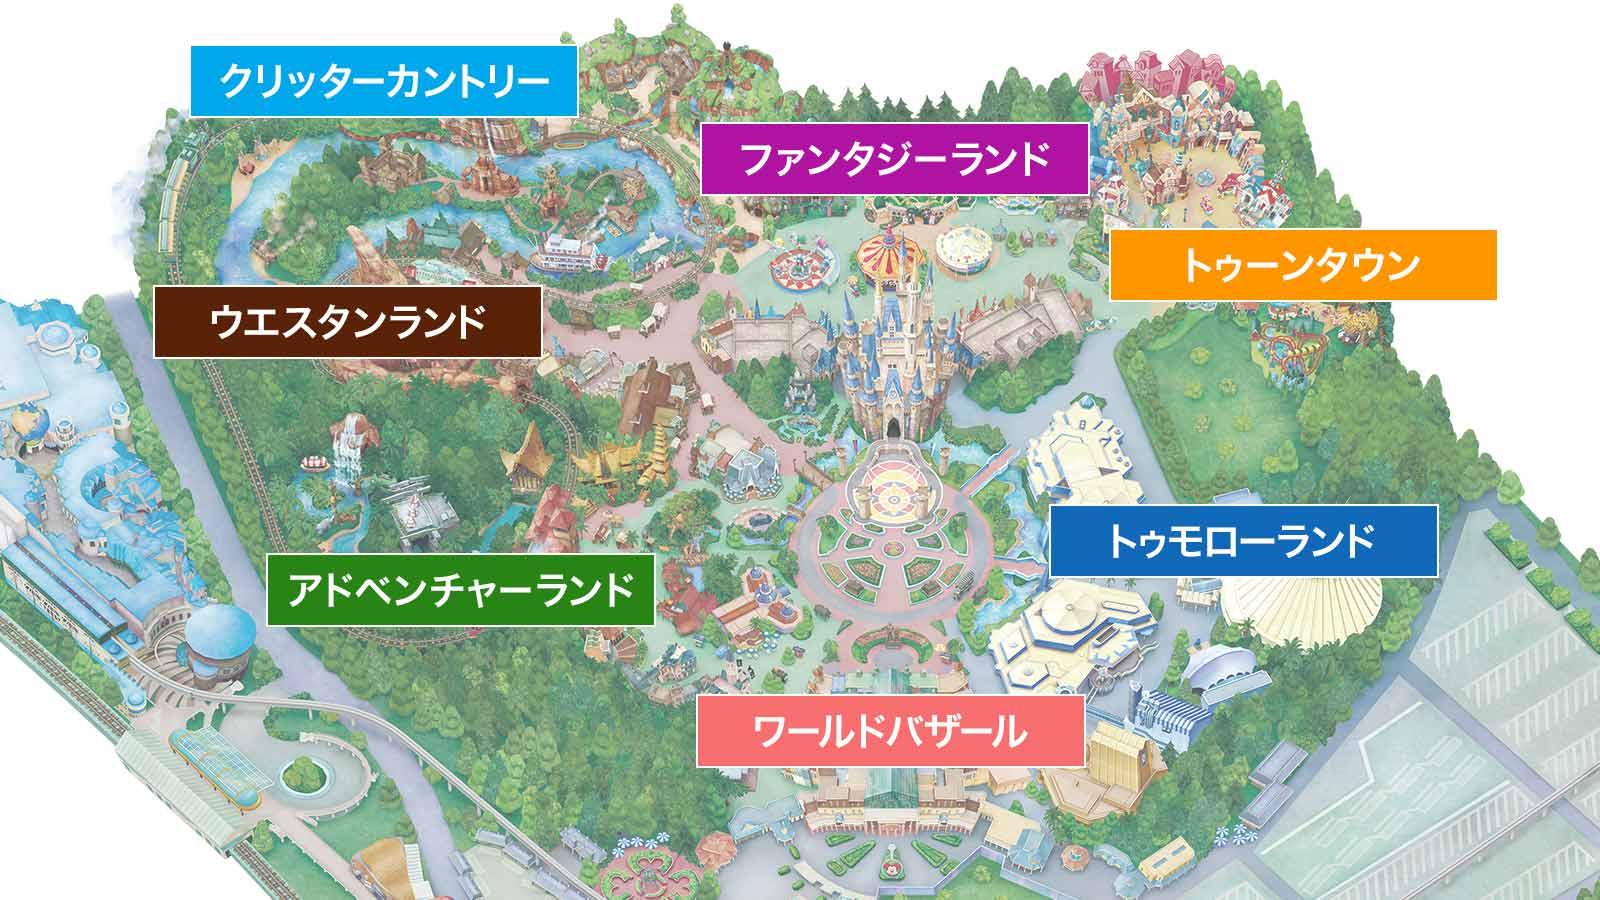 ディズニー撮影 地図